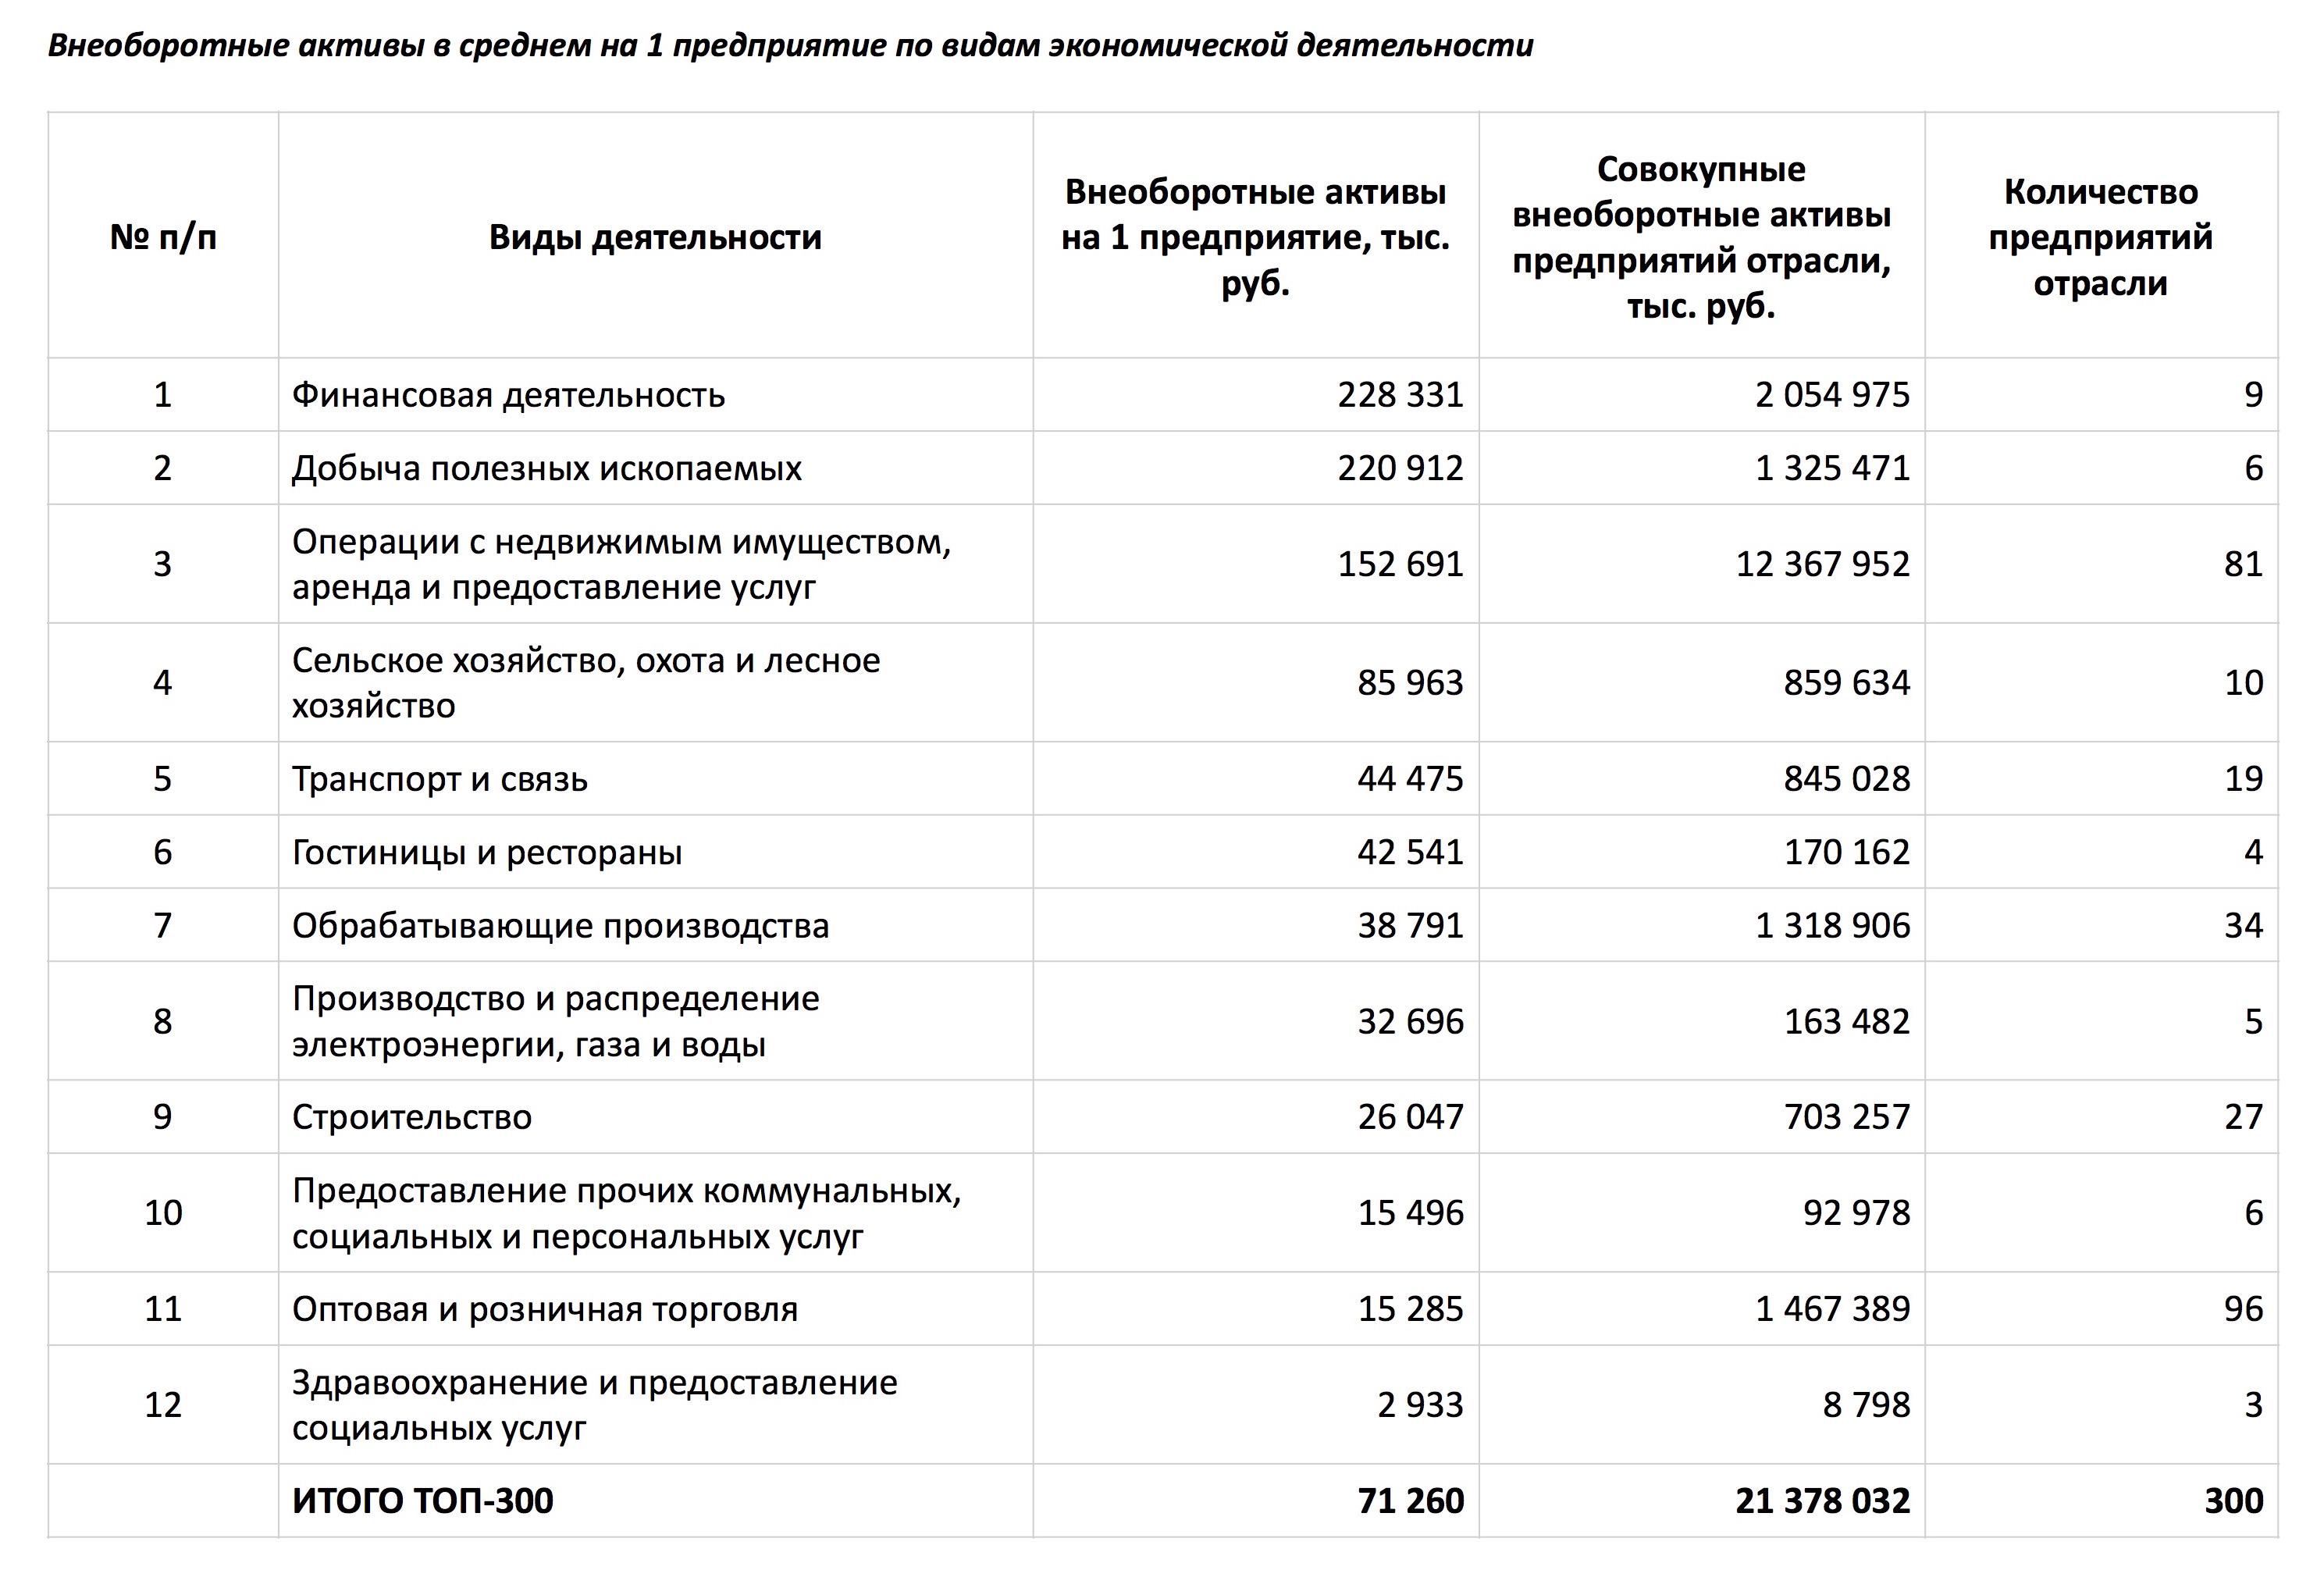 Ооо транспортно-строительная компания уралтрансстрой строительная компания профстройкомпле